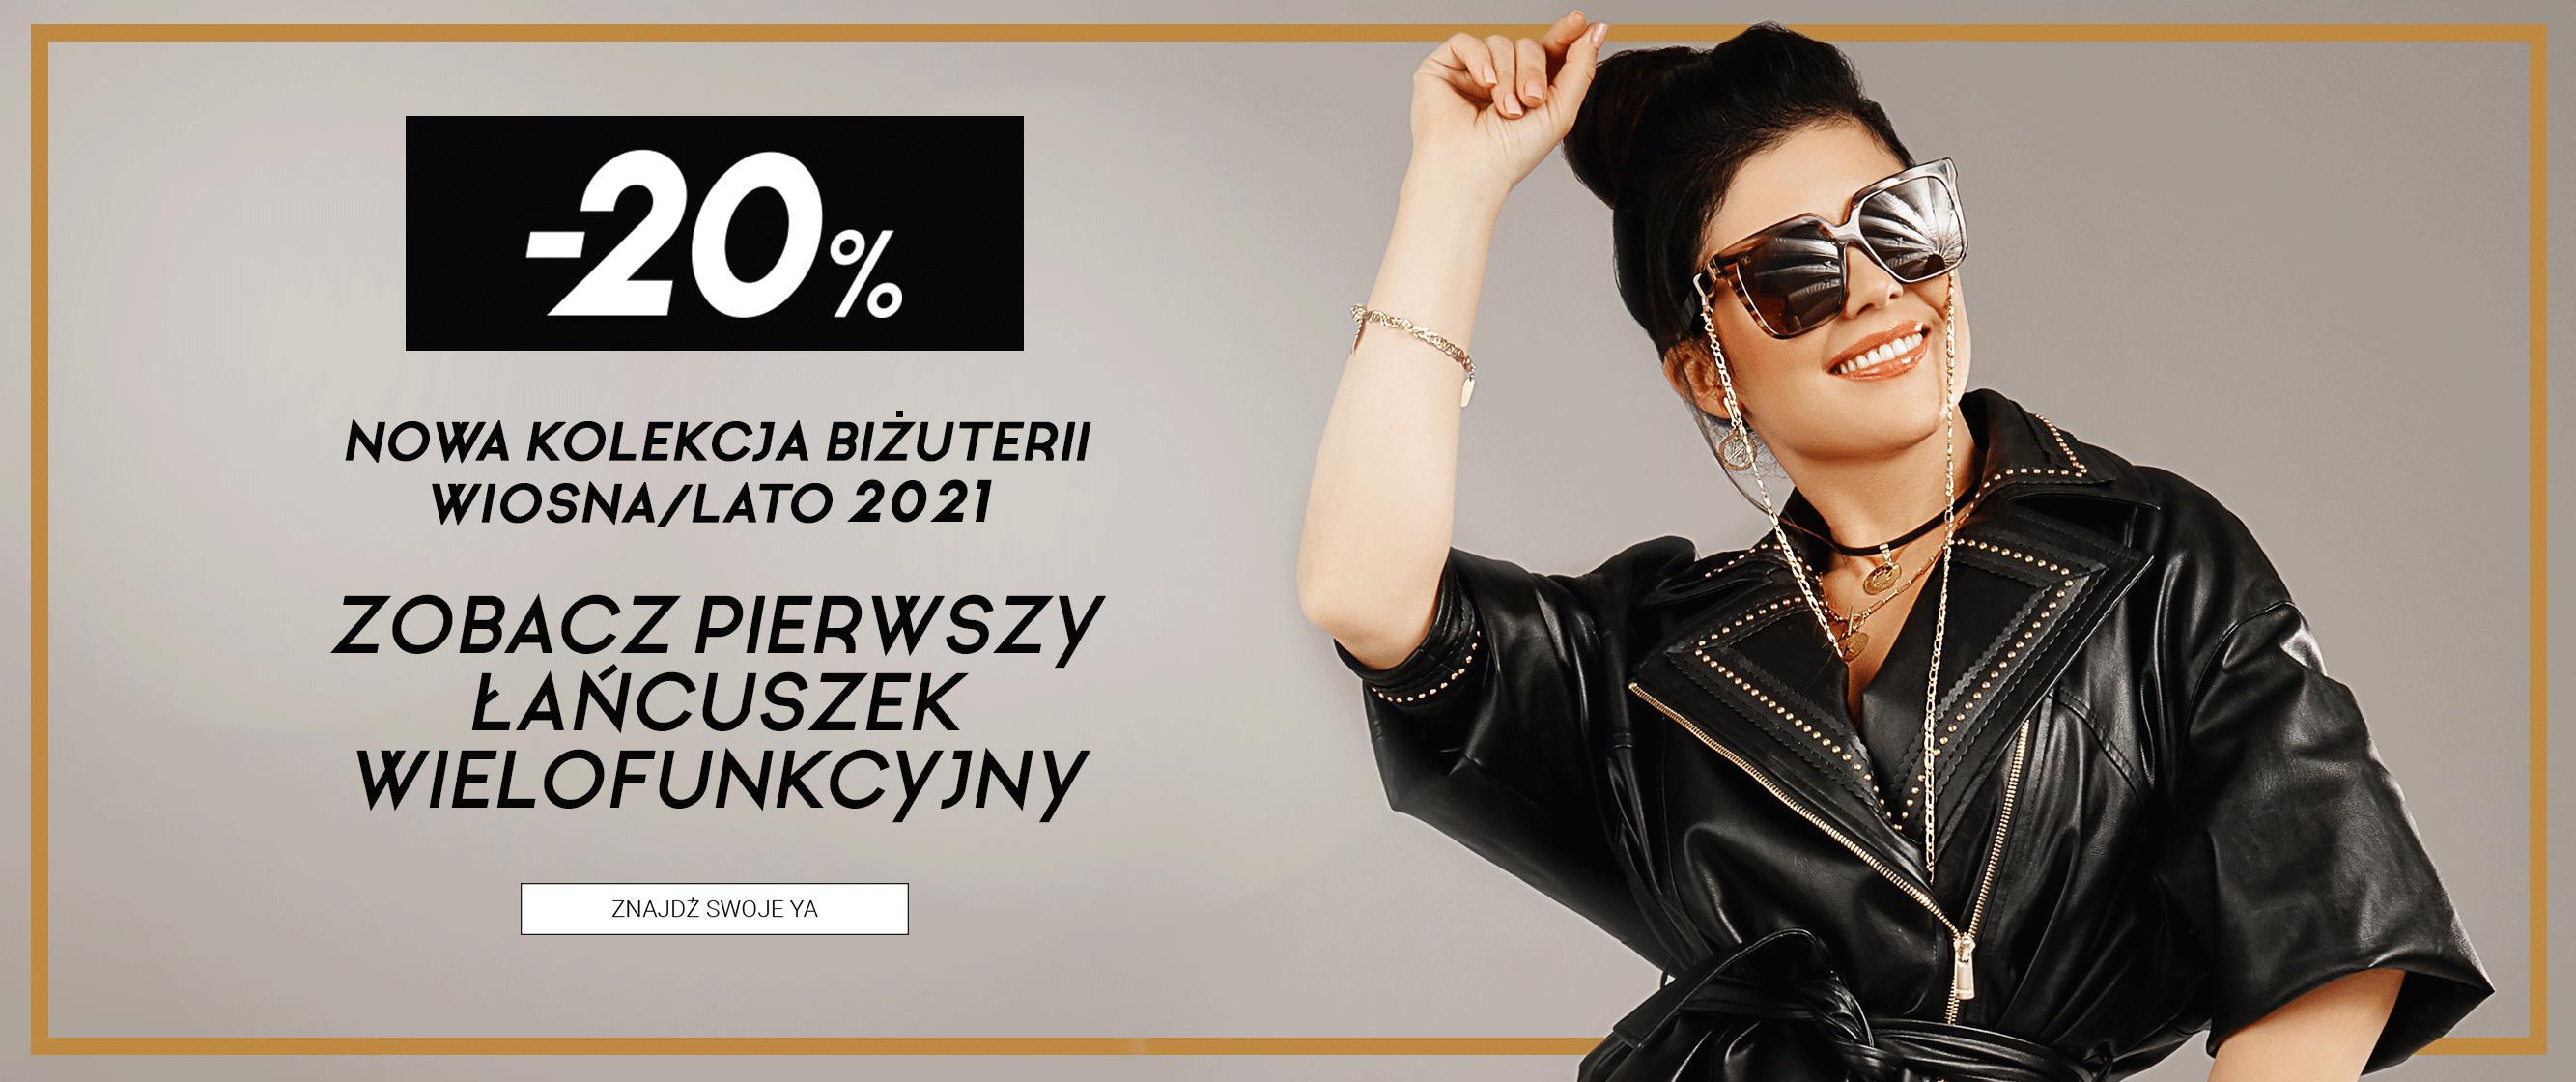 YA Cichopek: 20% zniżki na nową kolekcję biżuterii wiosna/lato 2021